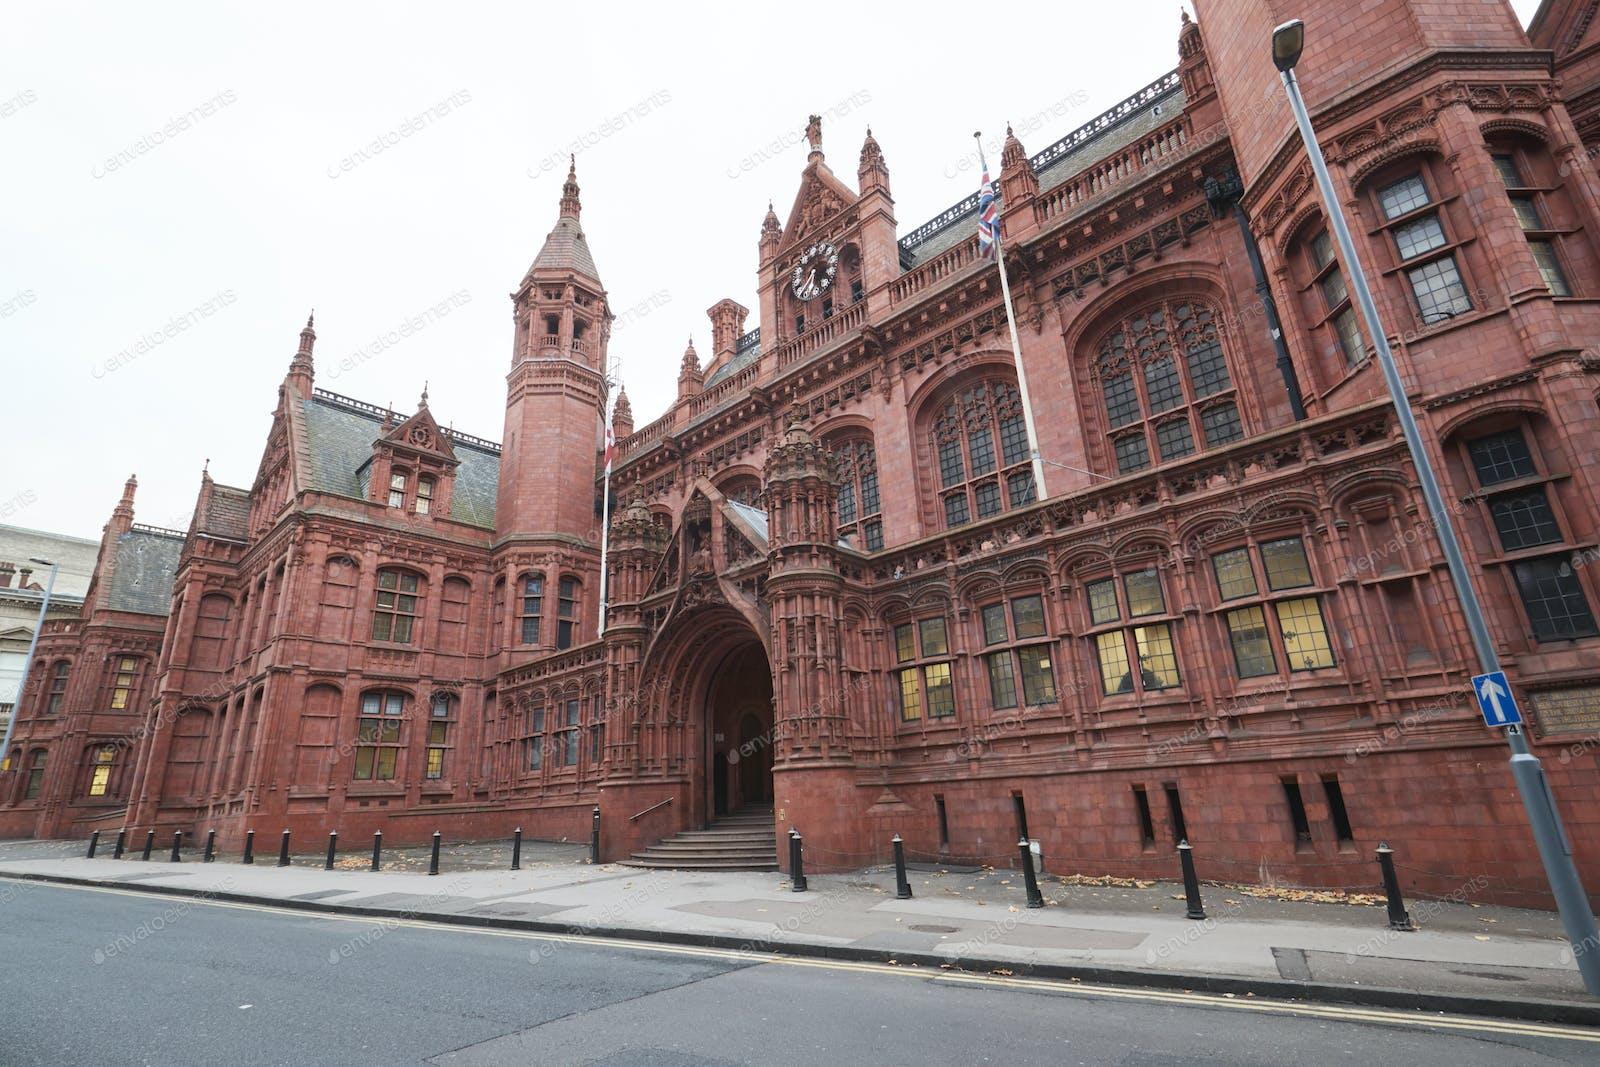 Birmingham Uk 6 November 2016 Exterior Of The Birmingham Magistrates Court Uk Photo By Monkeybusiness On Envato Elements